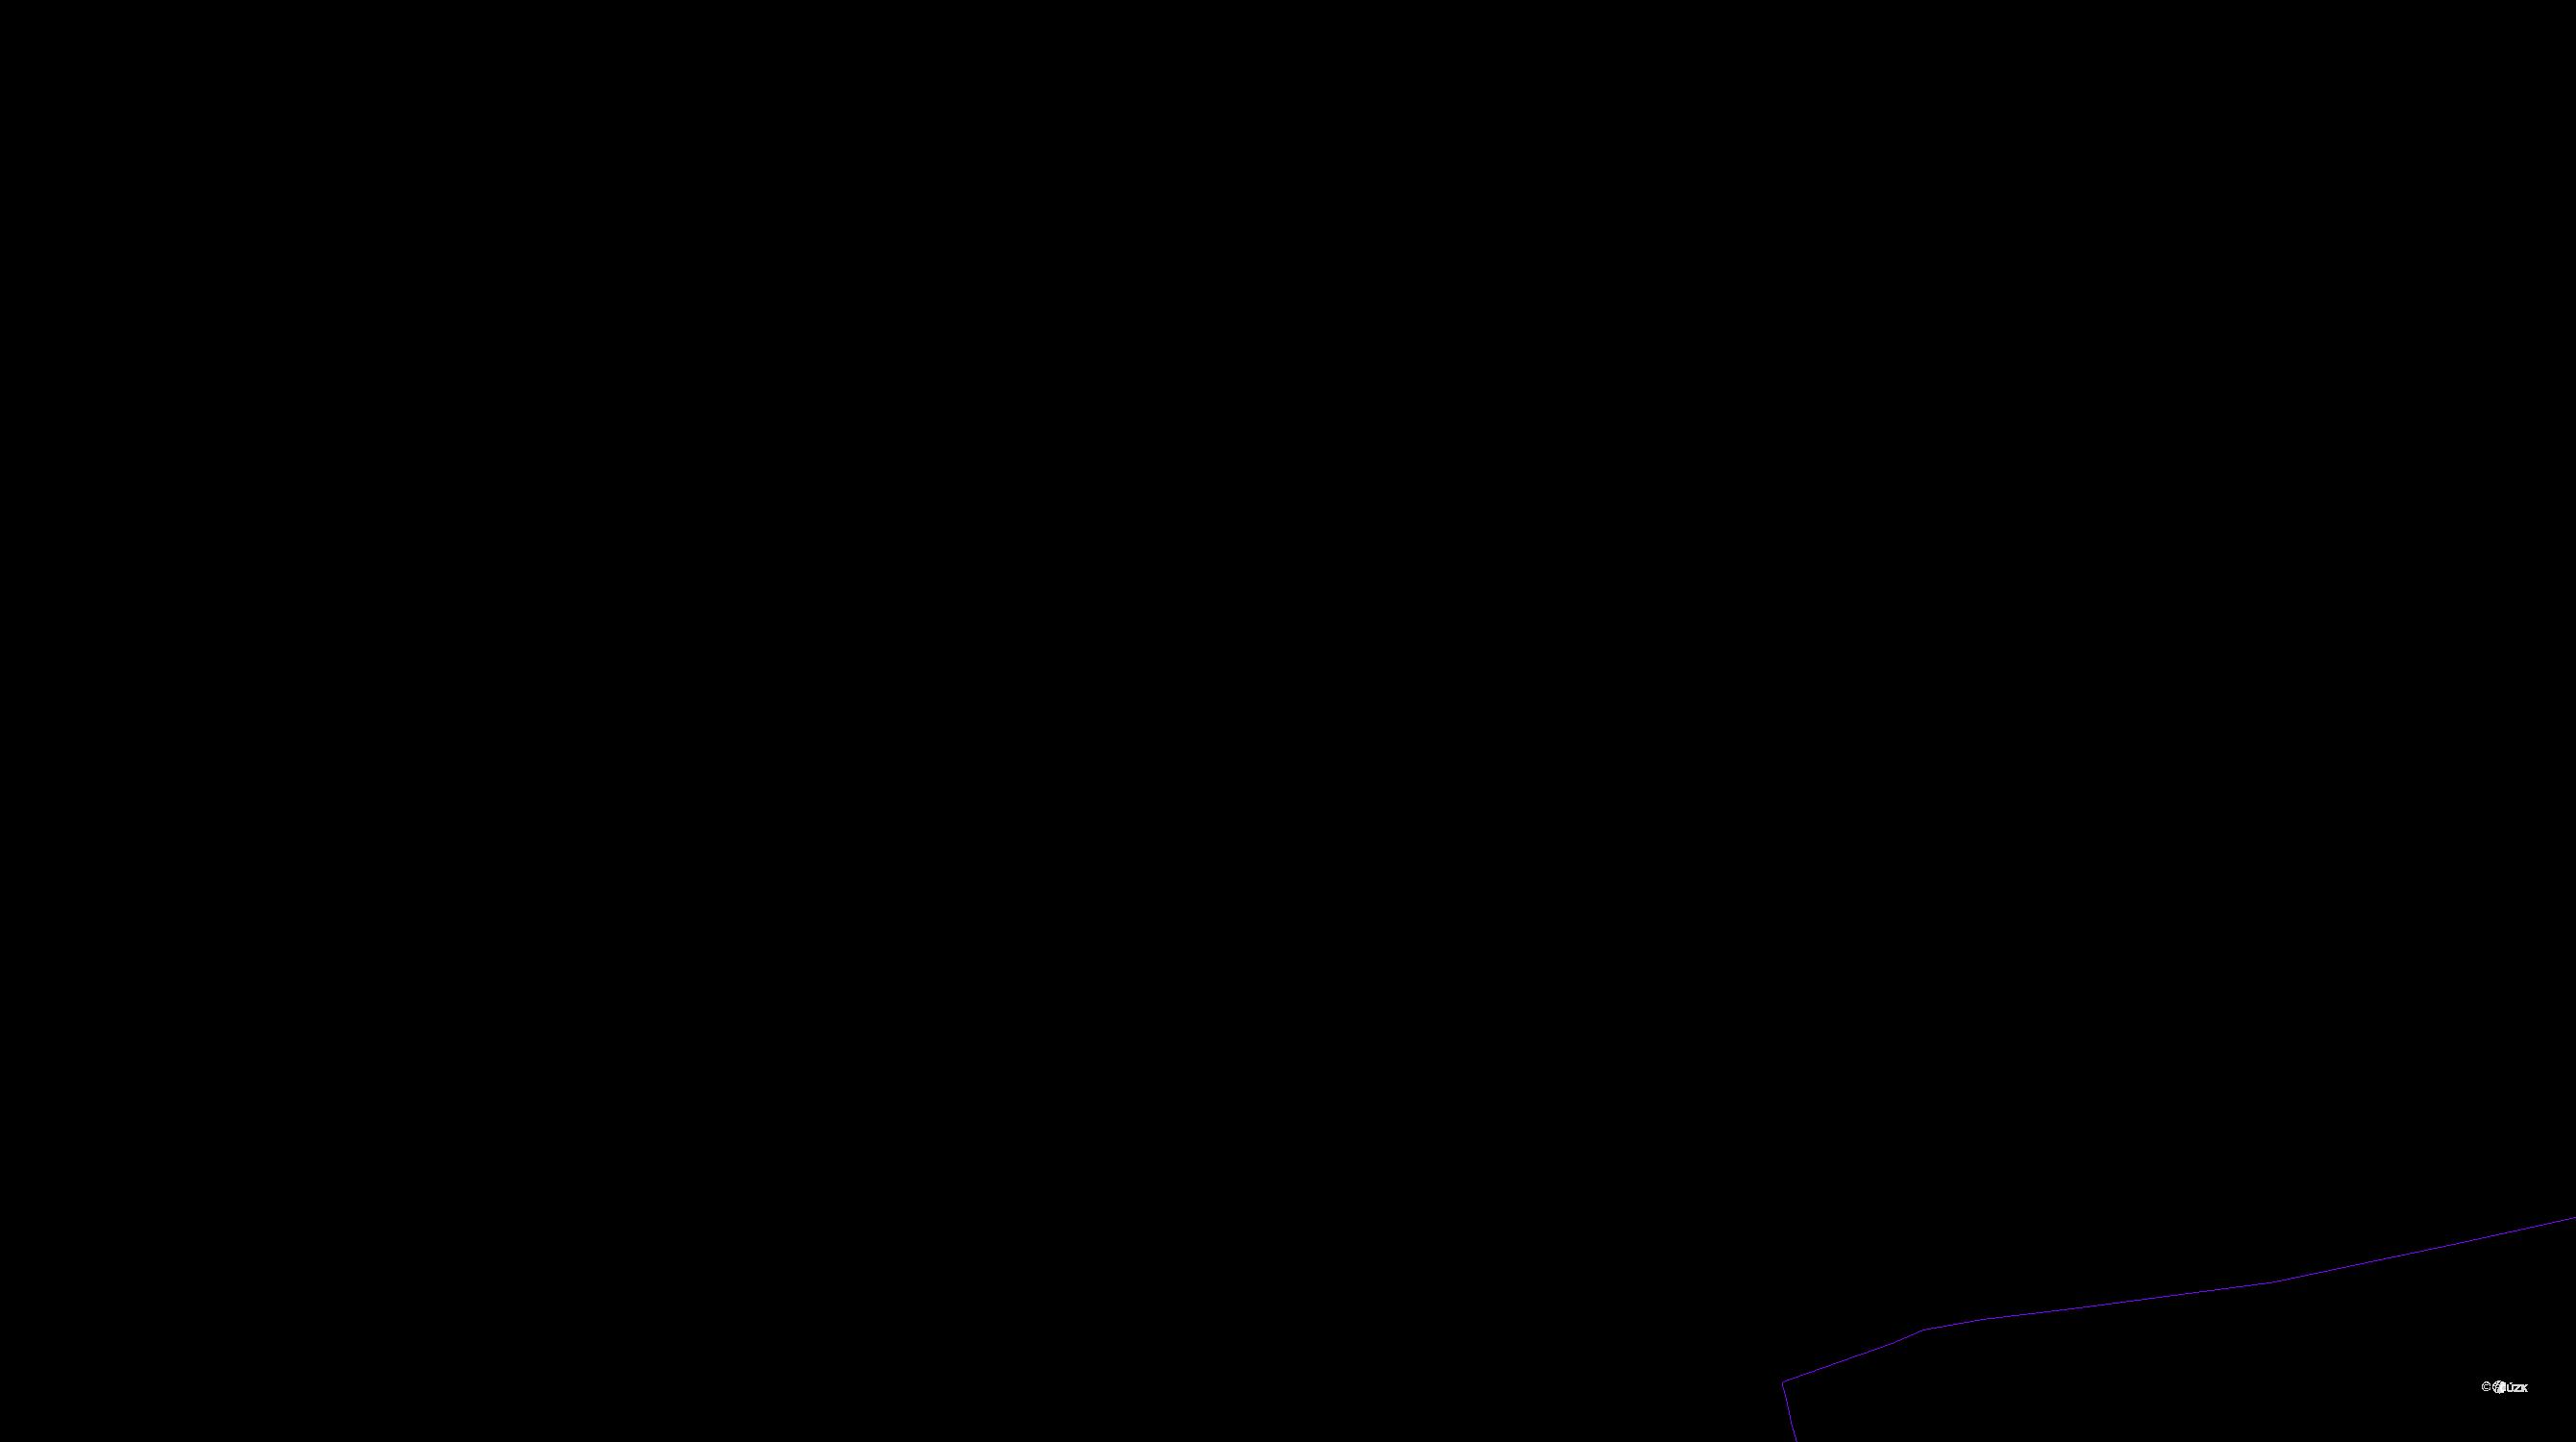 Katastrální mapa pozemků a čísla parcel Hnidousy